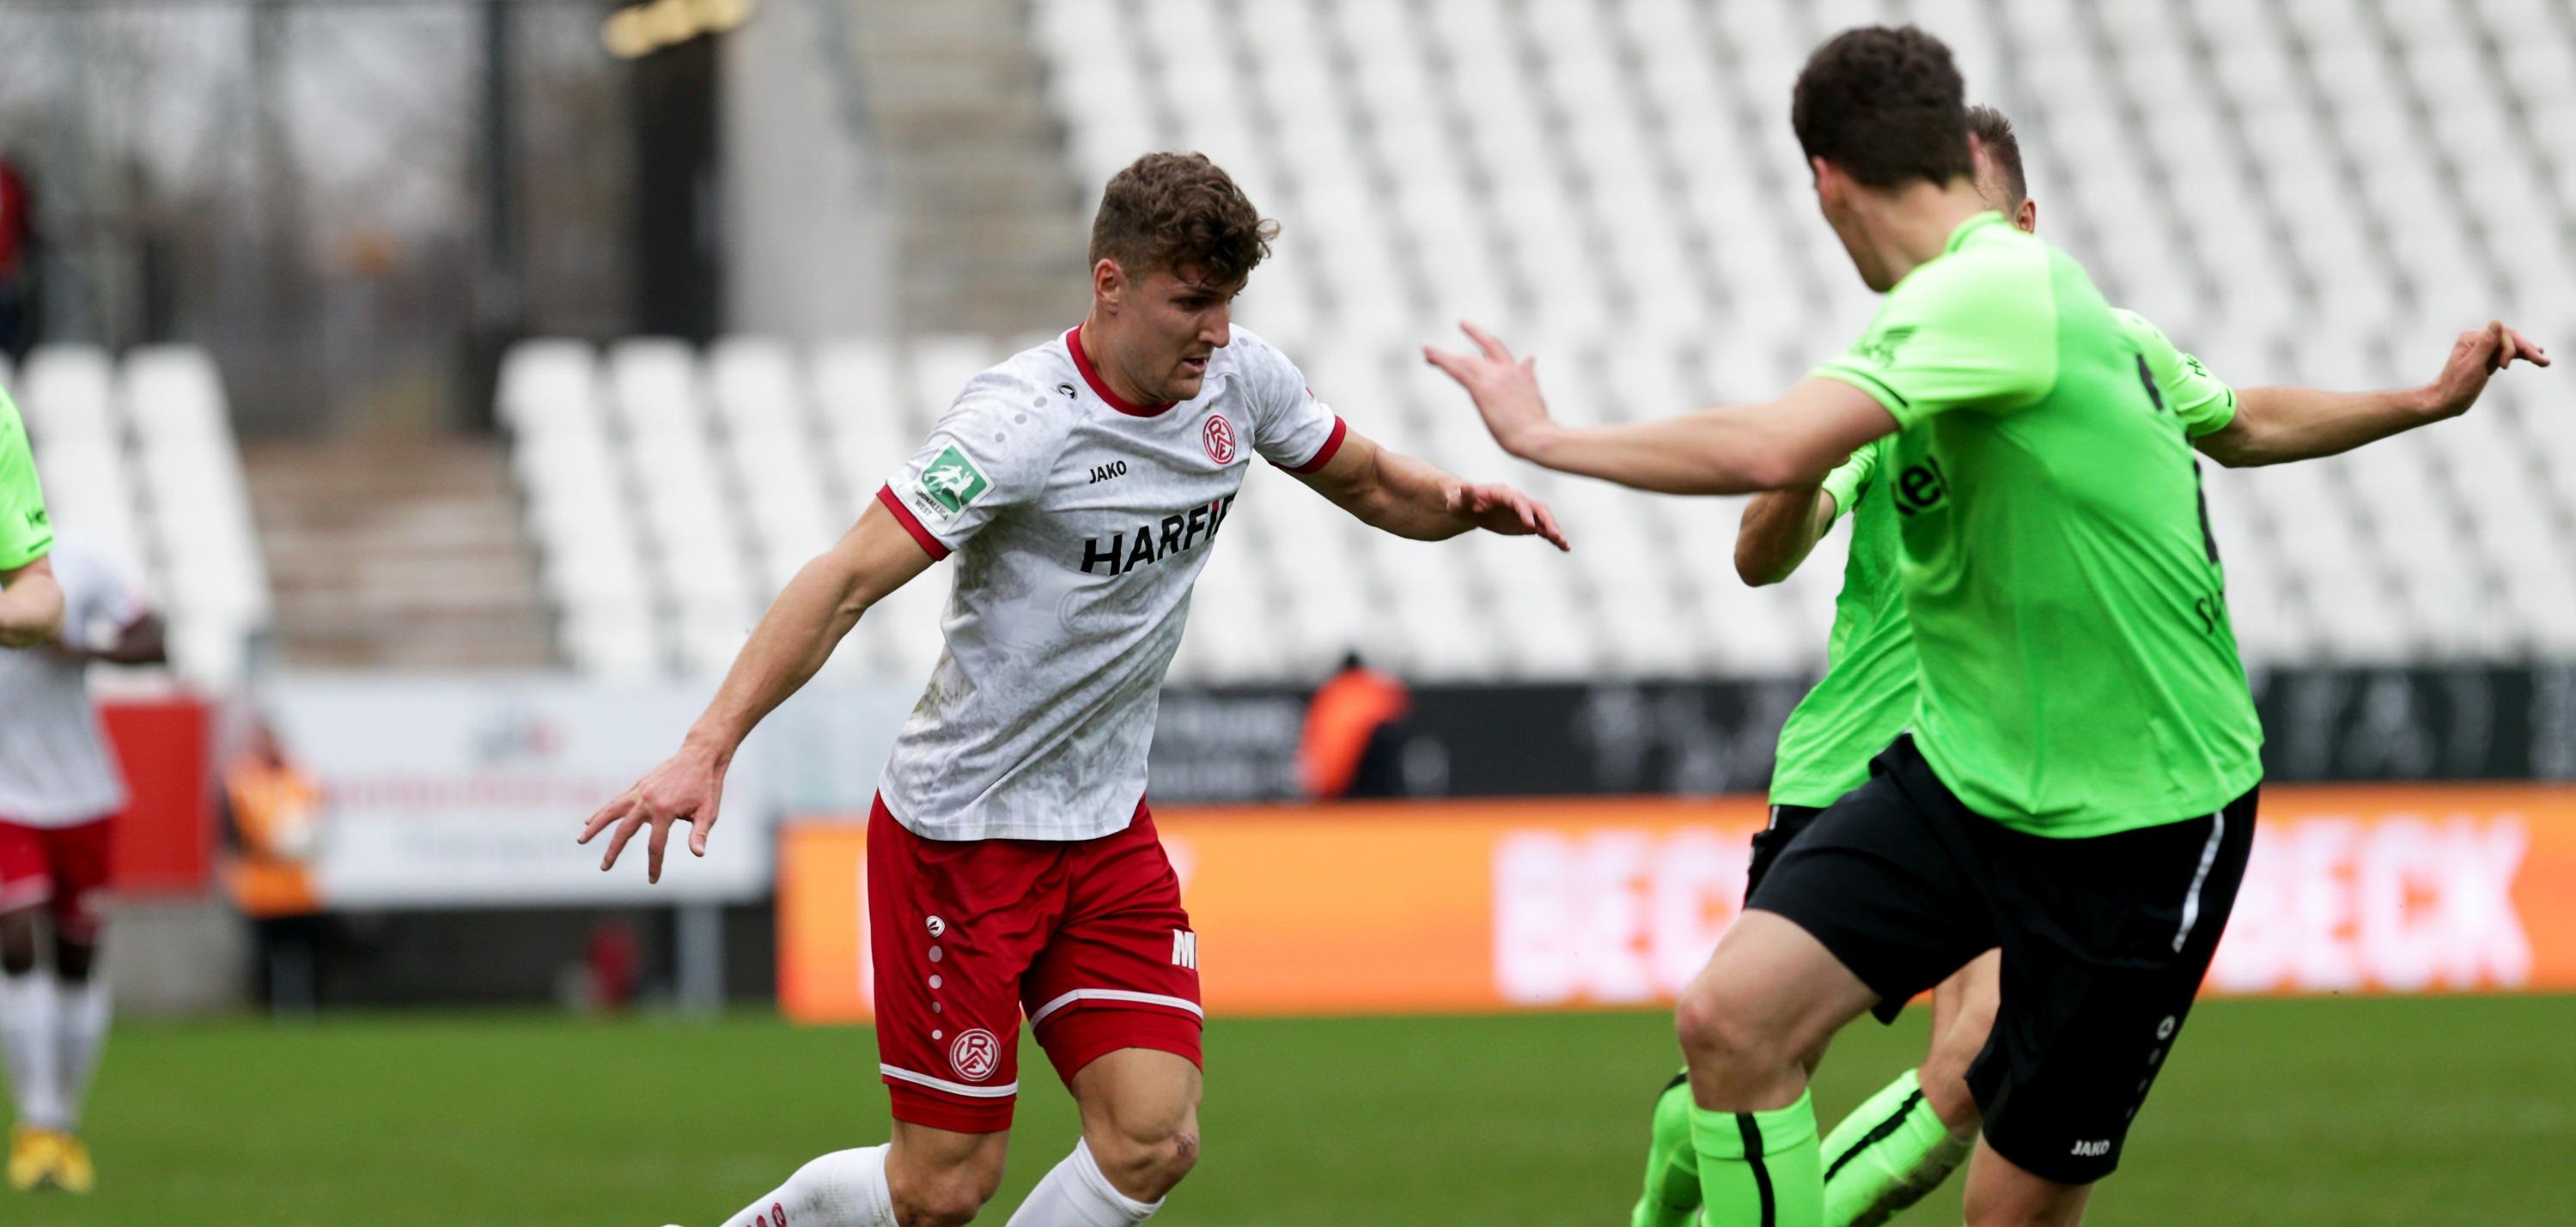 Rot-Weiss Essen hat sein Heimspiel gegen den SV Rödinghausen mit 2:0 verloren. (Foto:Endberg)